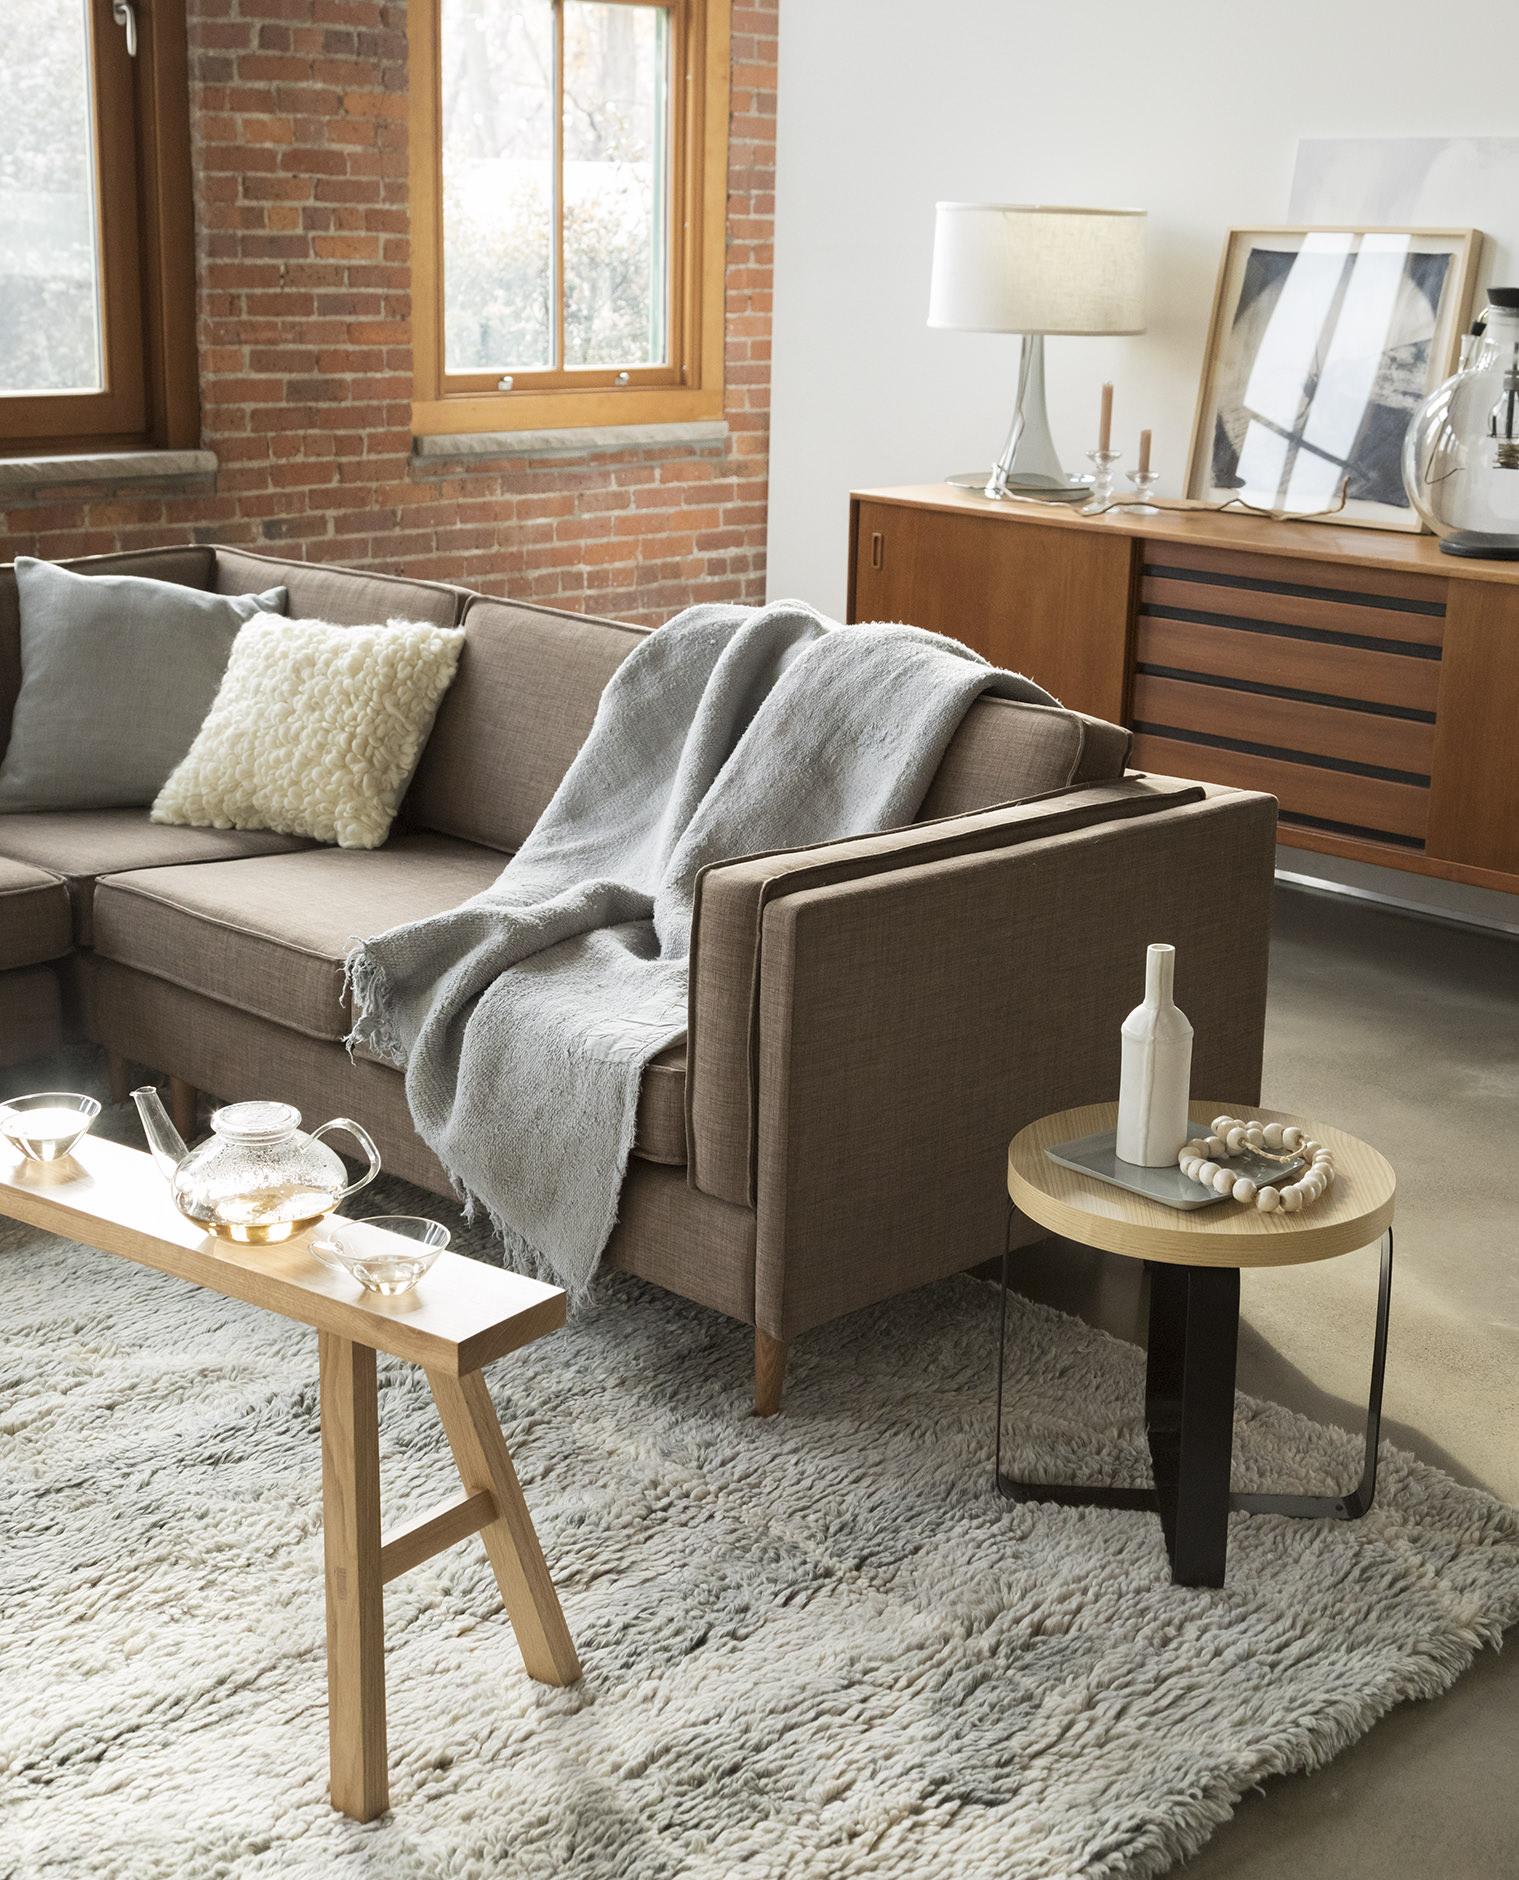 moen_171130_livingroom1_0492 copy-1.jpg